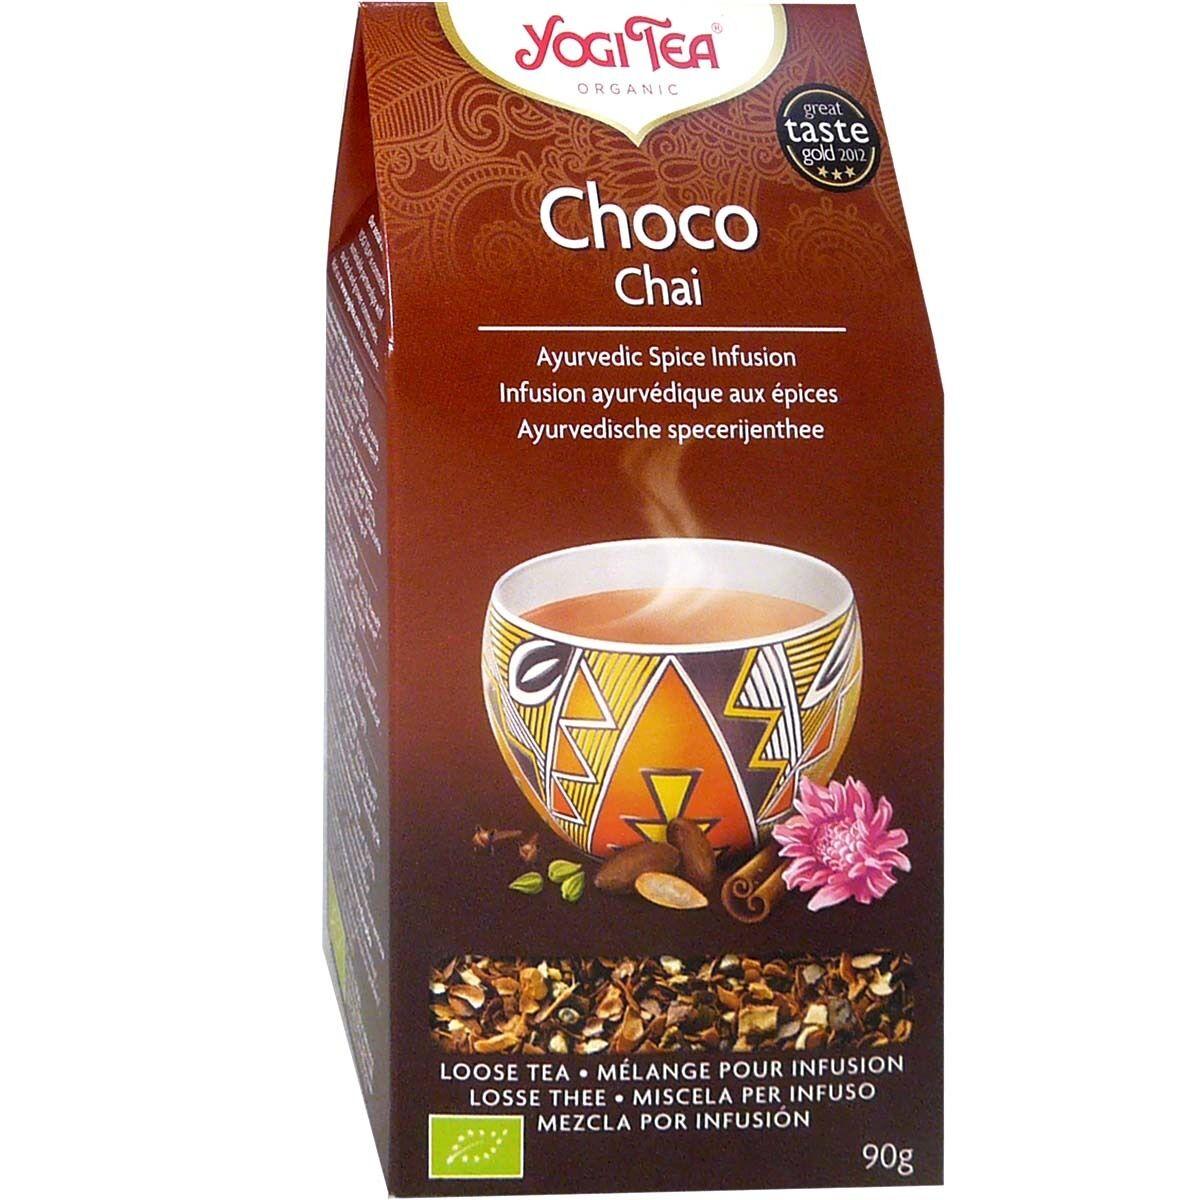 Yogi tea choco chai melange aux epices pour infusion 90g